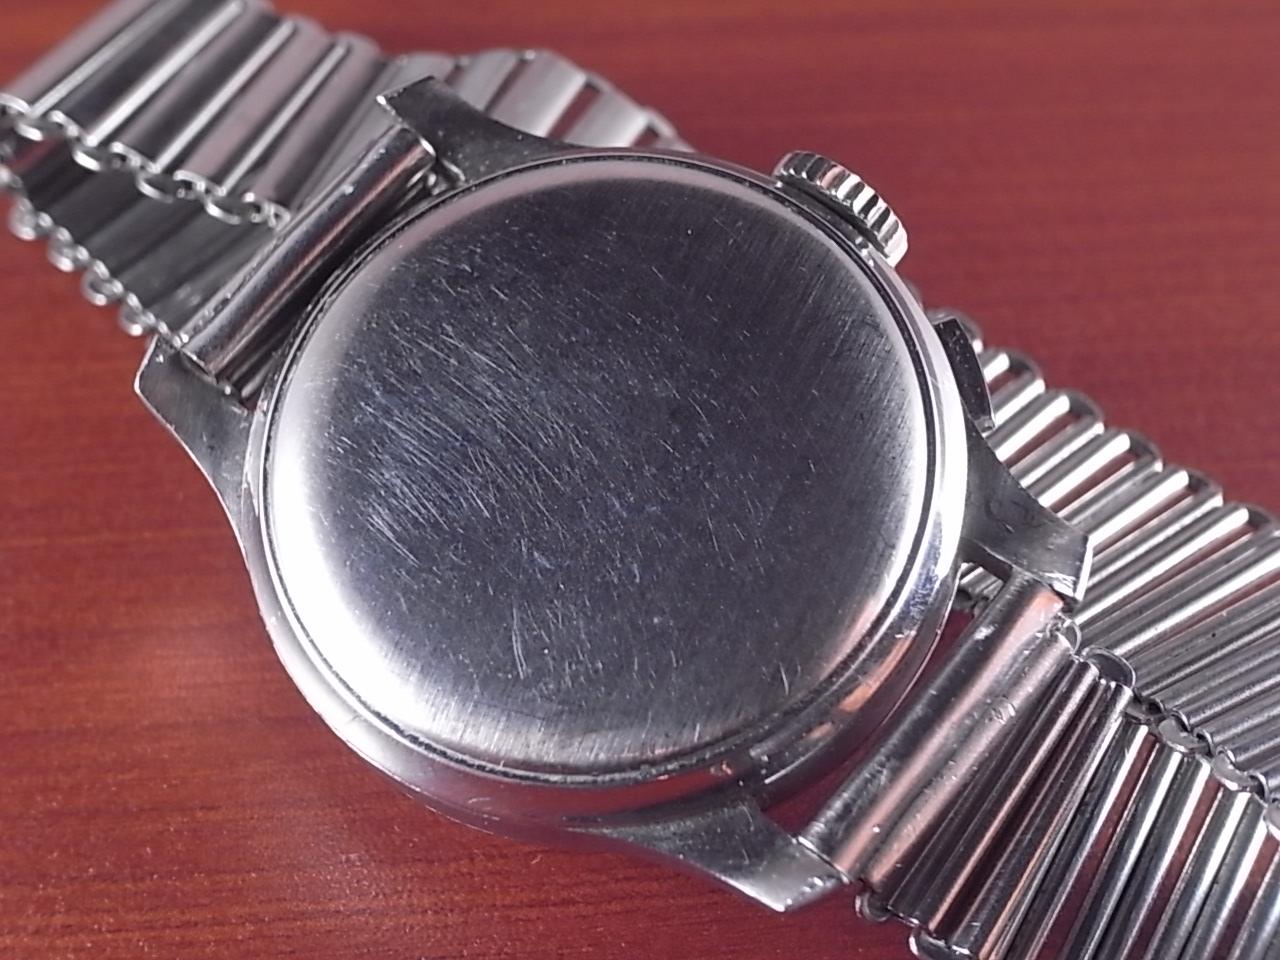 ロンジン ストップセコンド ボンクリップ バンブーブレス付き 1930年代の写真4枚目